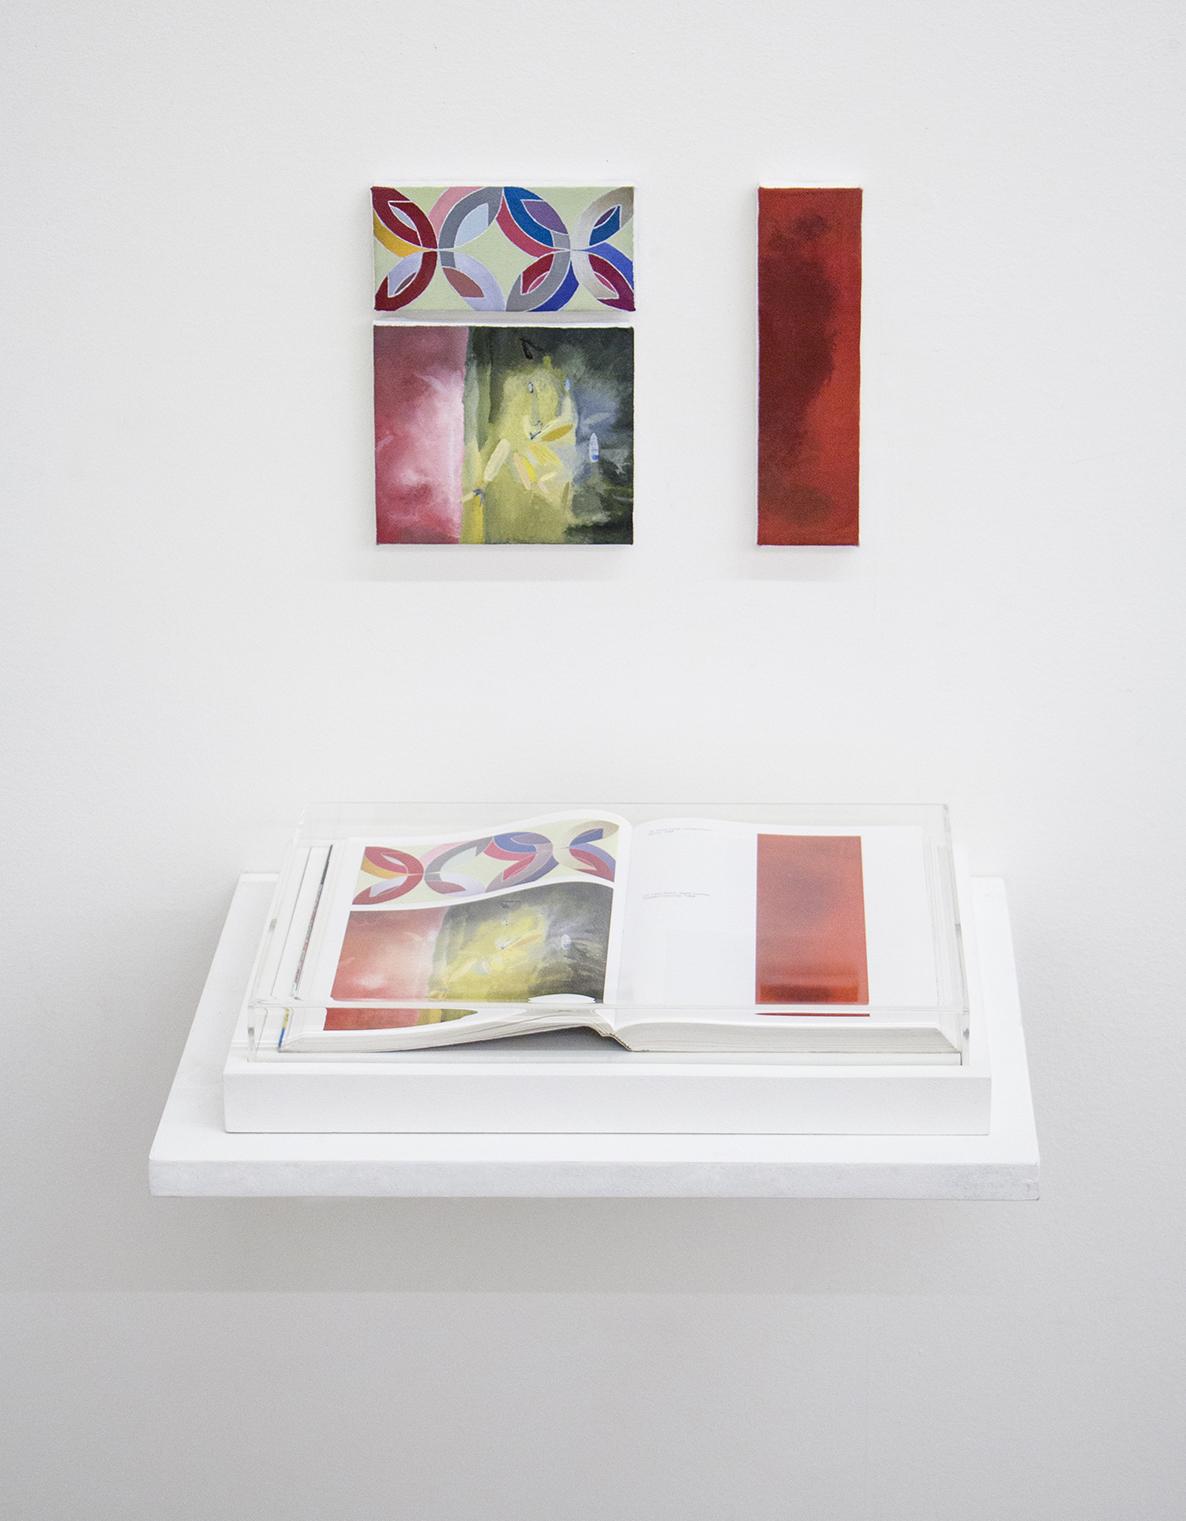 Páginas sem número (série Foi Assim Que Me Ensinaram) •2014 •Livro emoldurado, óleo sobre tela •21,5 x 31 cm (livro), 13 x 6,5 cm, 13 x 11 cm, 5 x 18,5 cm